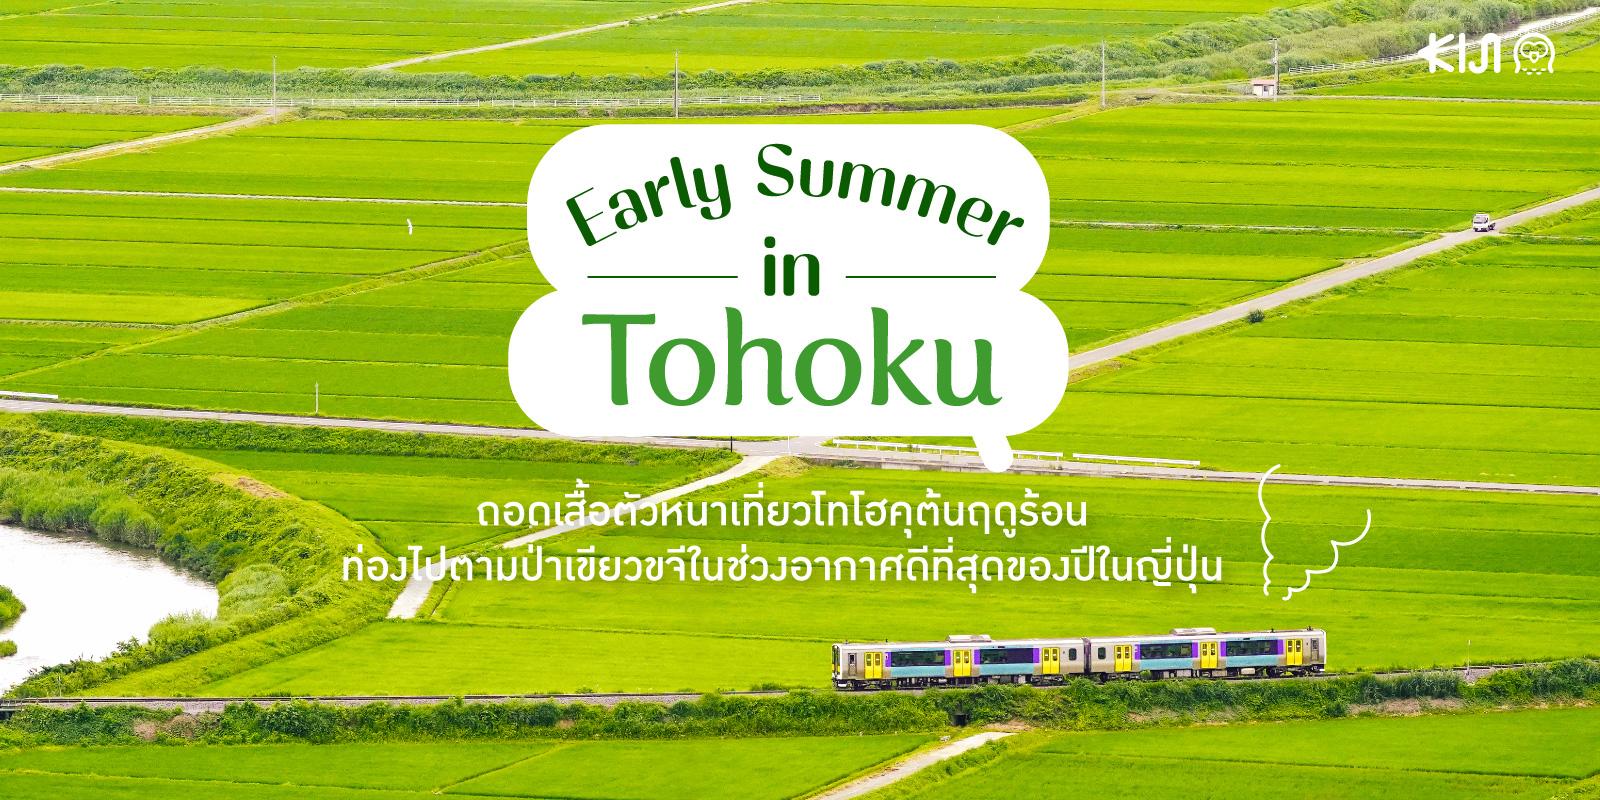 เที่ยวภูมิภาค โทโฮคุ ฤดูร้อน ด้วย JR East Pass Tohoku Area